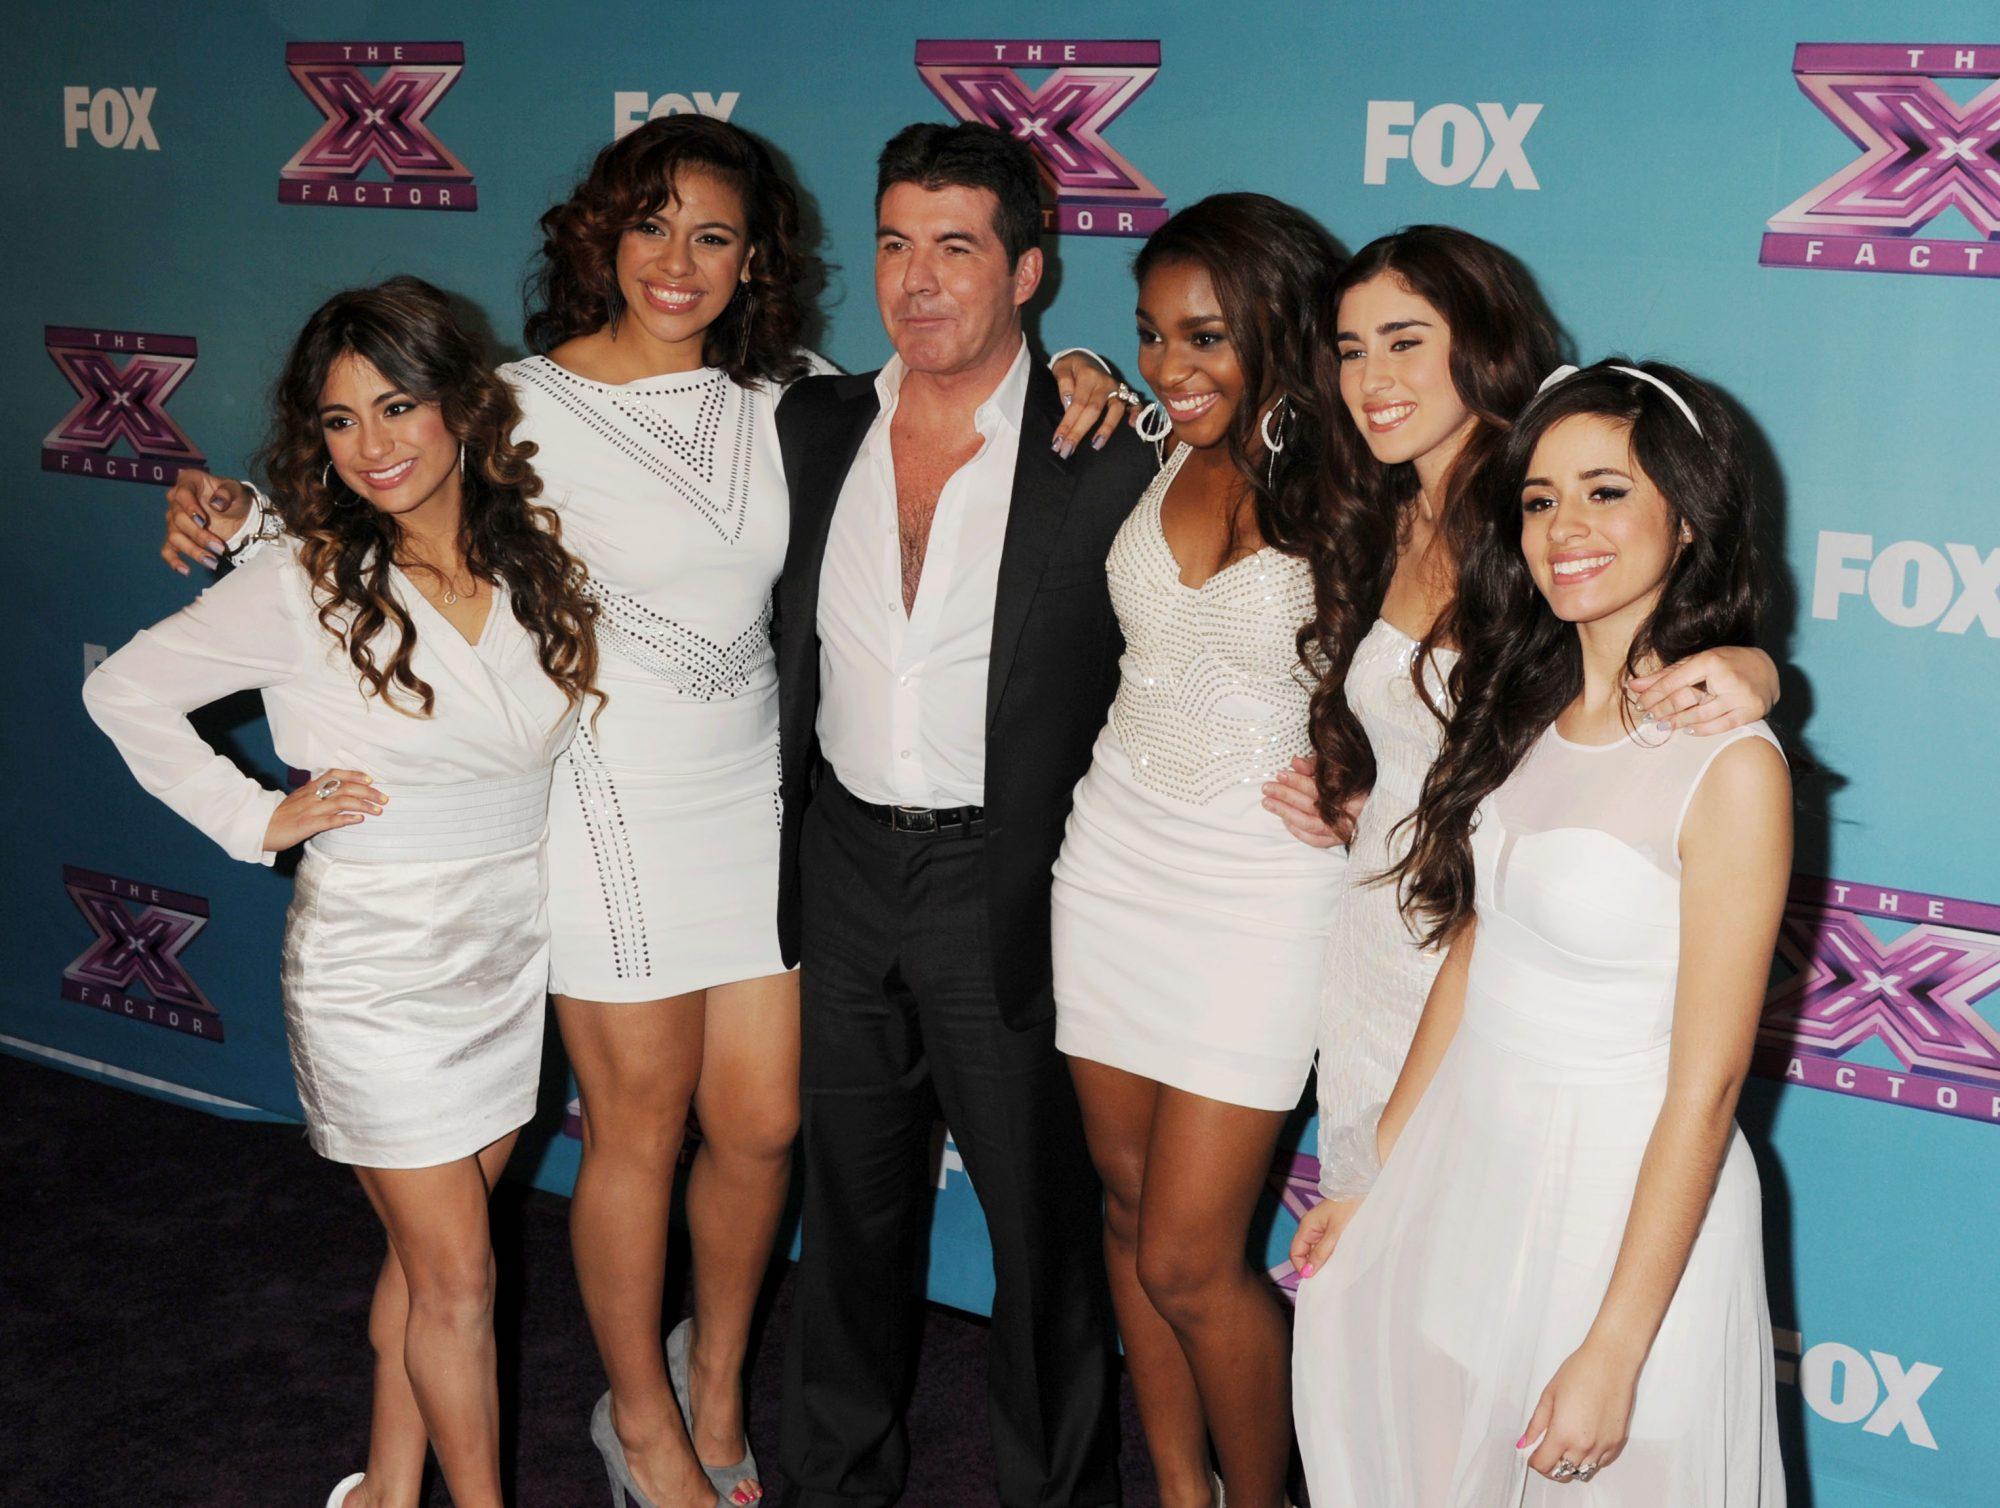 """FOX's """"The X Factor"""" Season Finale - Night 1 - Photo Op"""